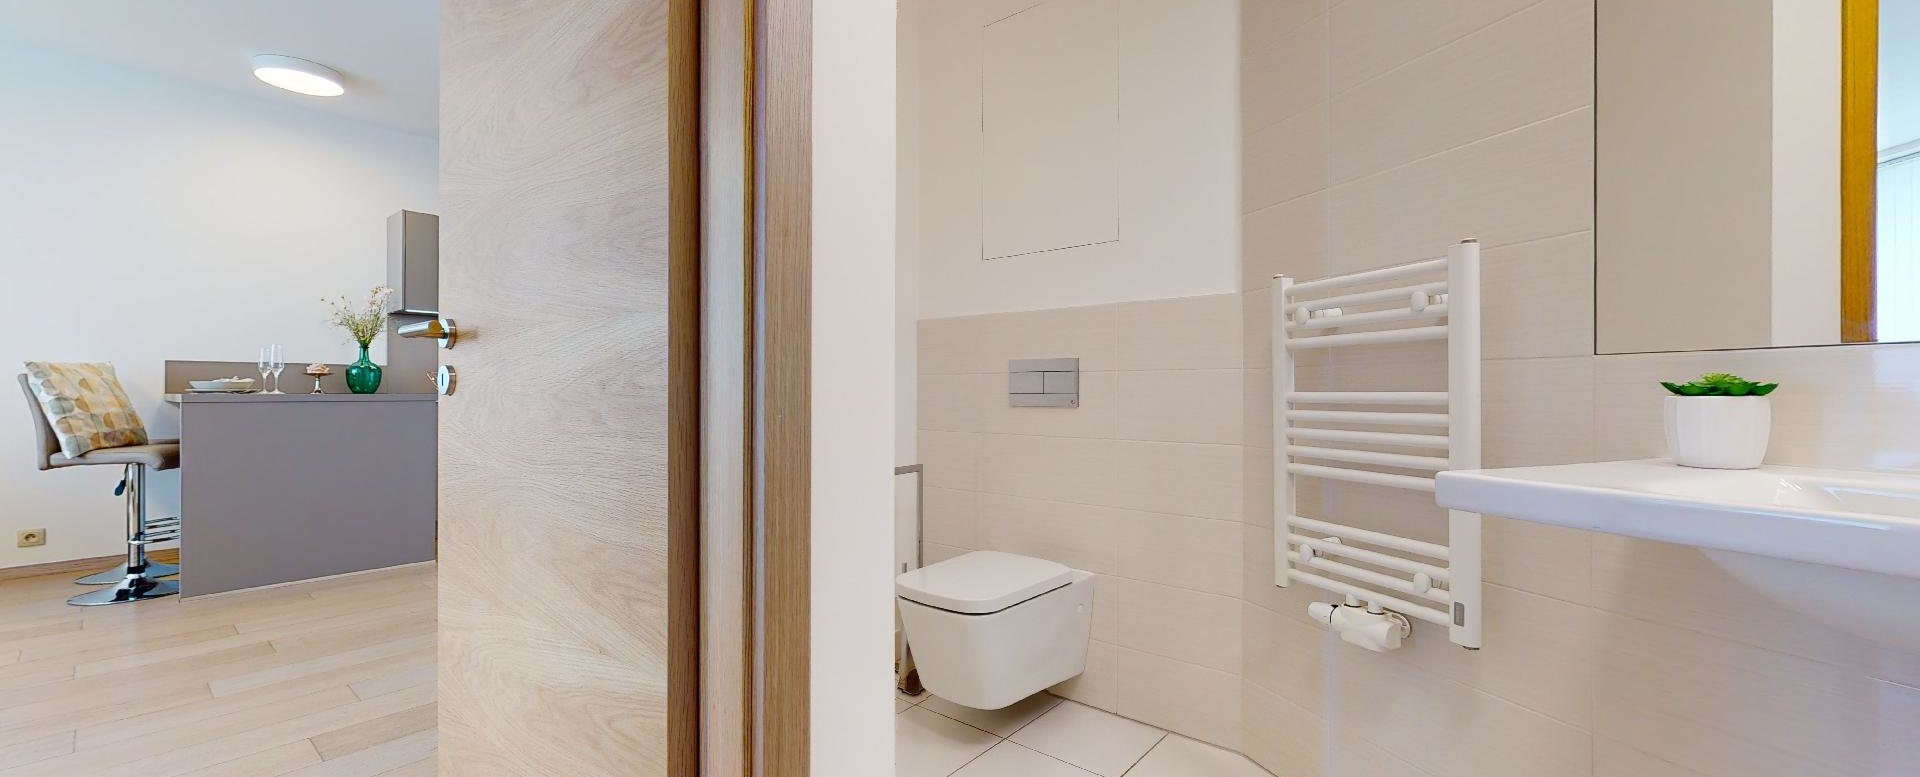 Moderná kúpeľňa s toaletou v 2-izbovom byte v Panorama Towers - Eurovea City